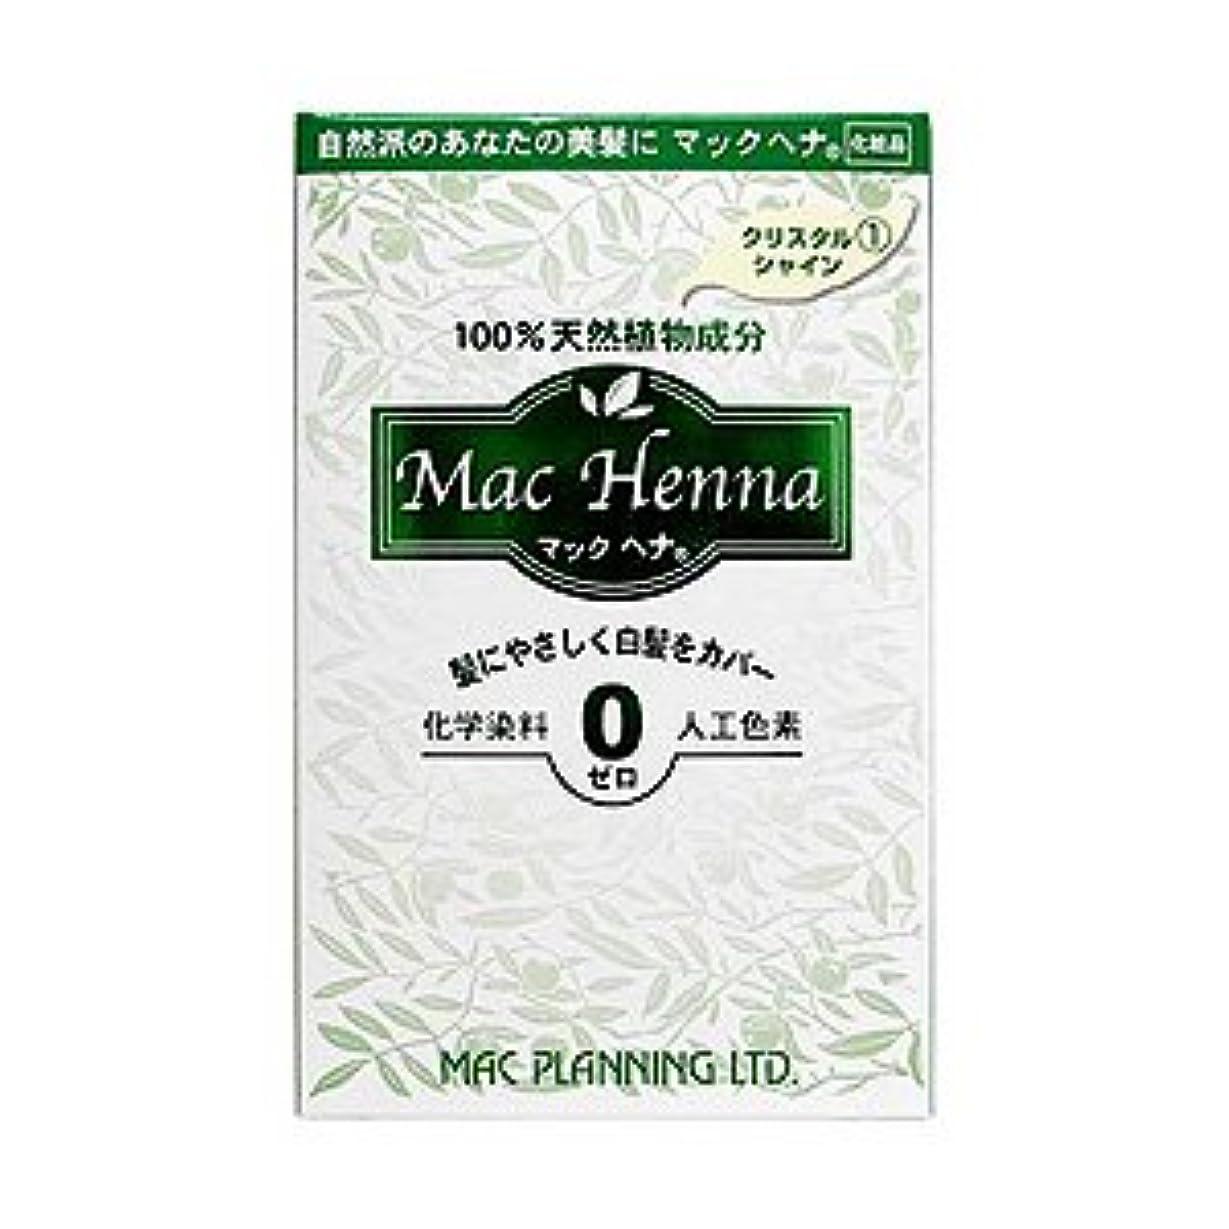 可塑性米ドル考えるマックヘナ クリスタルシャイン1 60g×2 hs